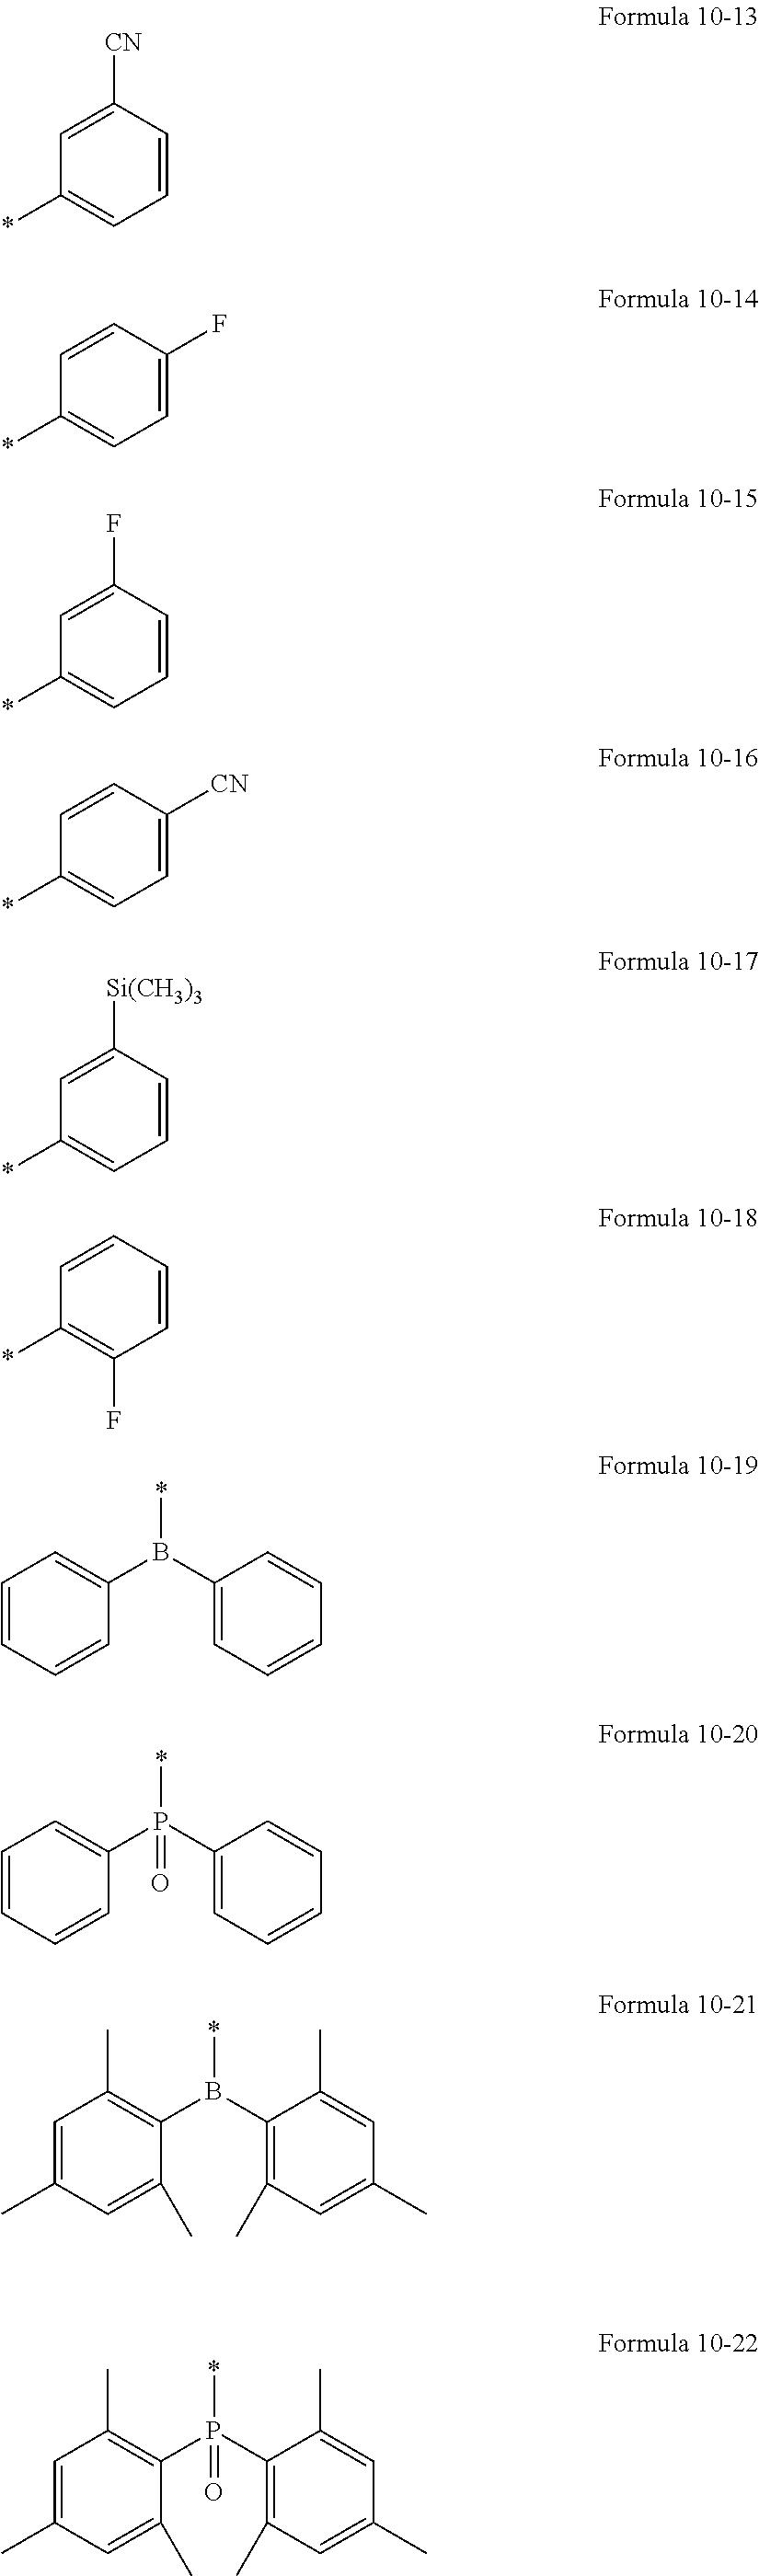 Figure US20160155962A1-20160602-C00281